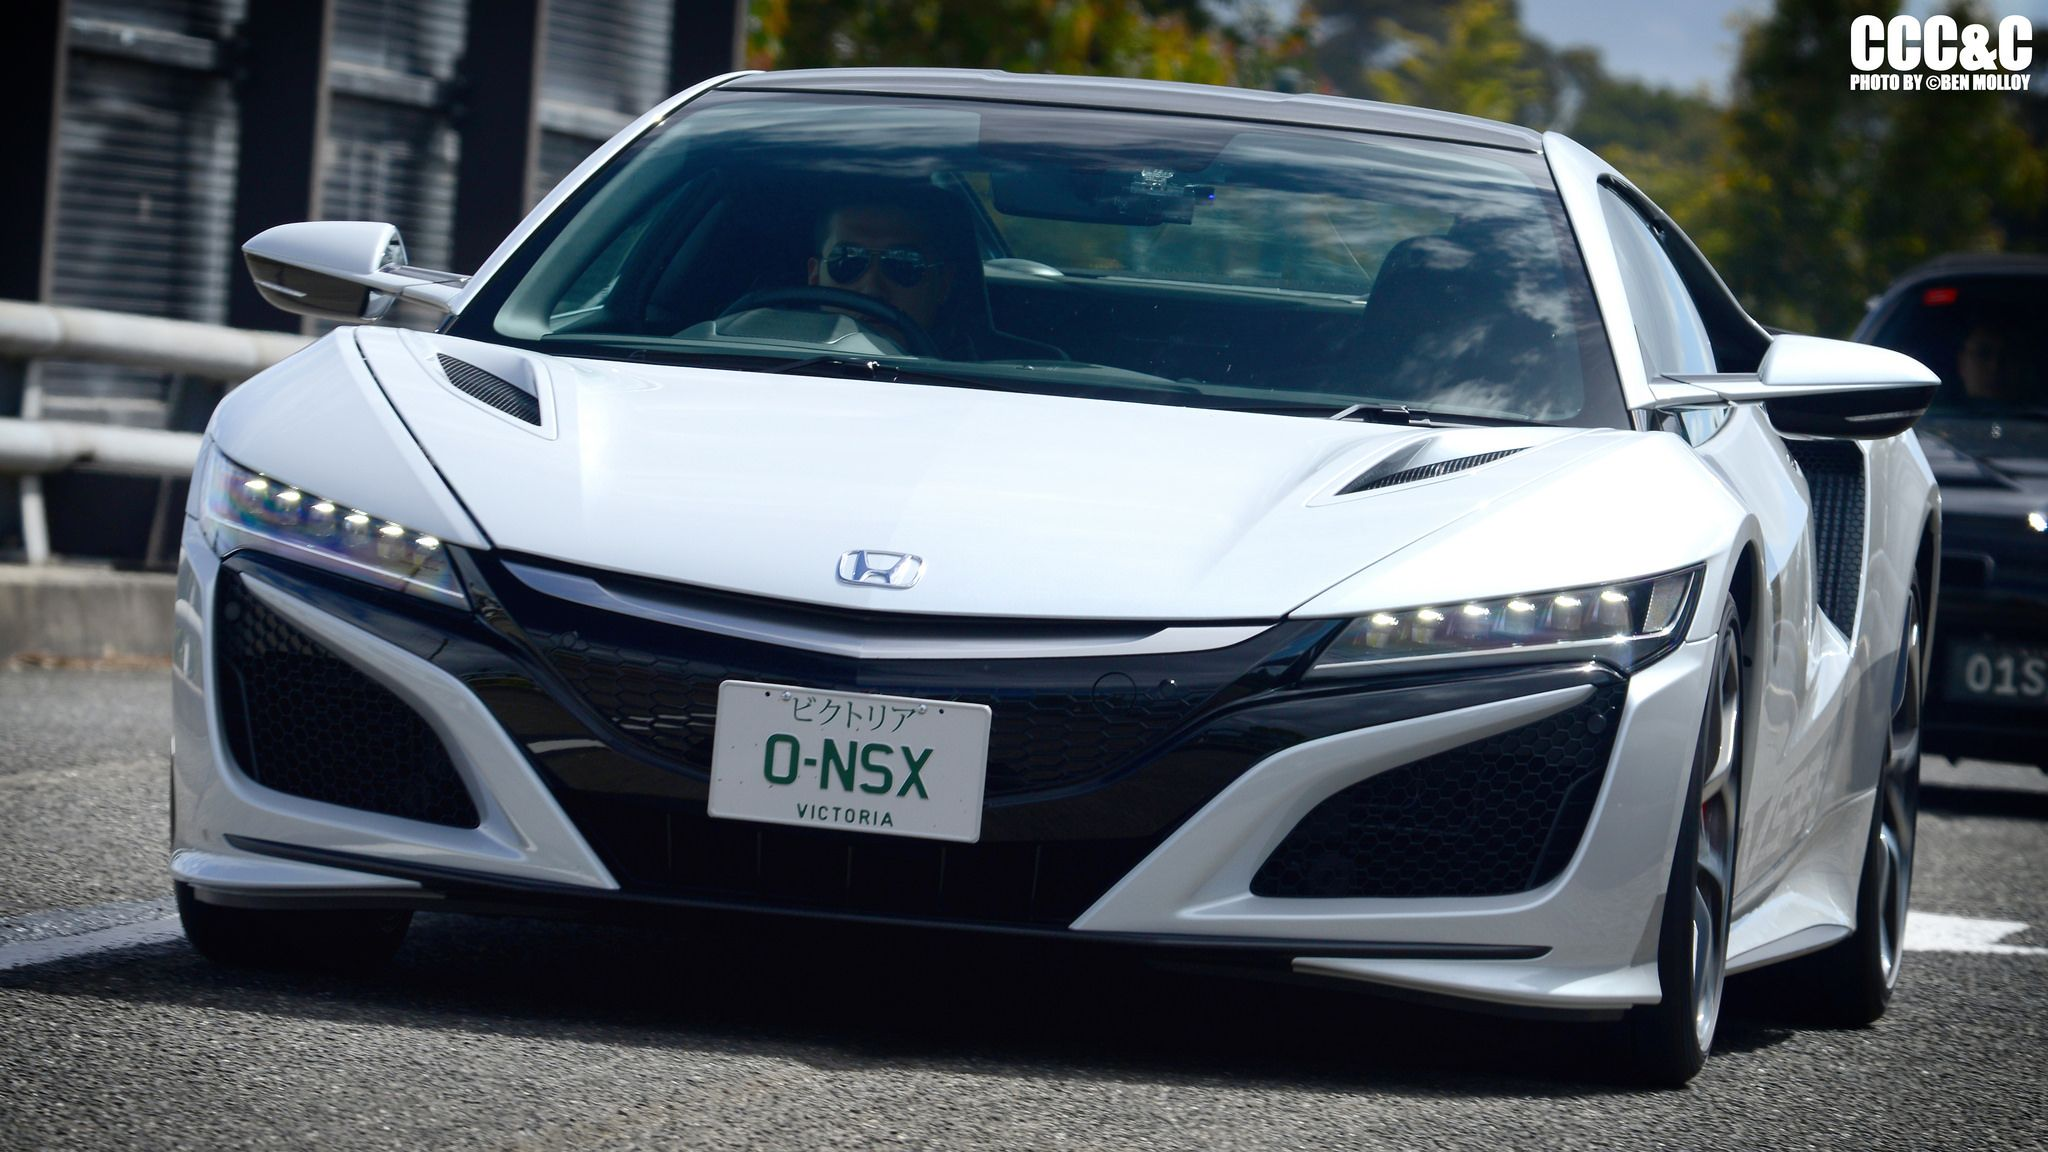 Https://flic.kr/p/PRpERm | New Honda NSX |